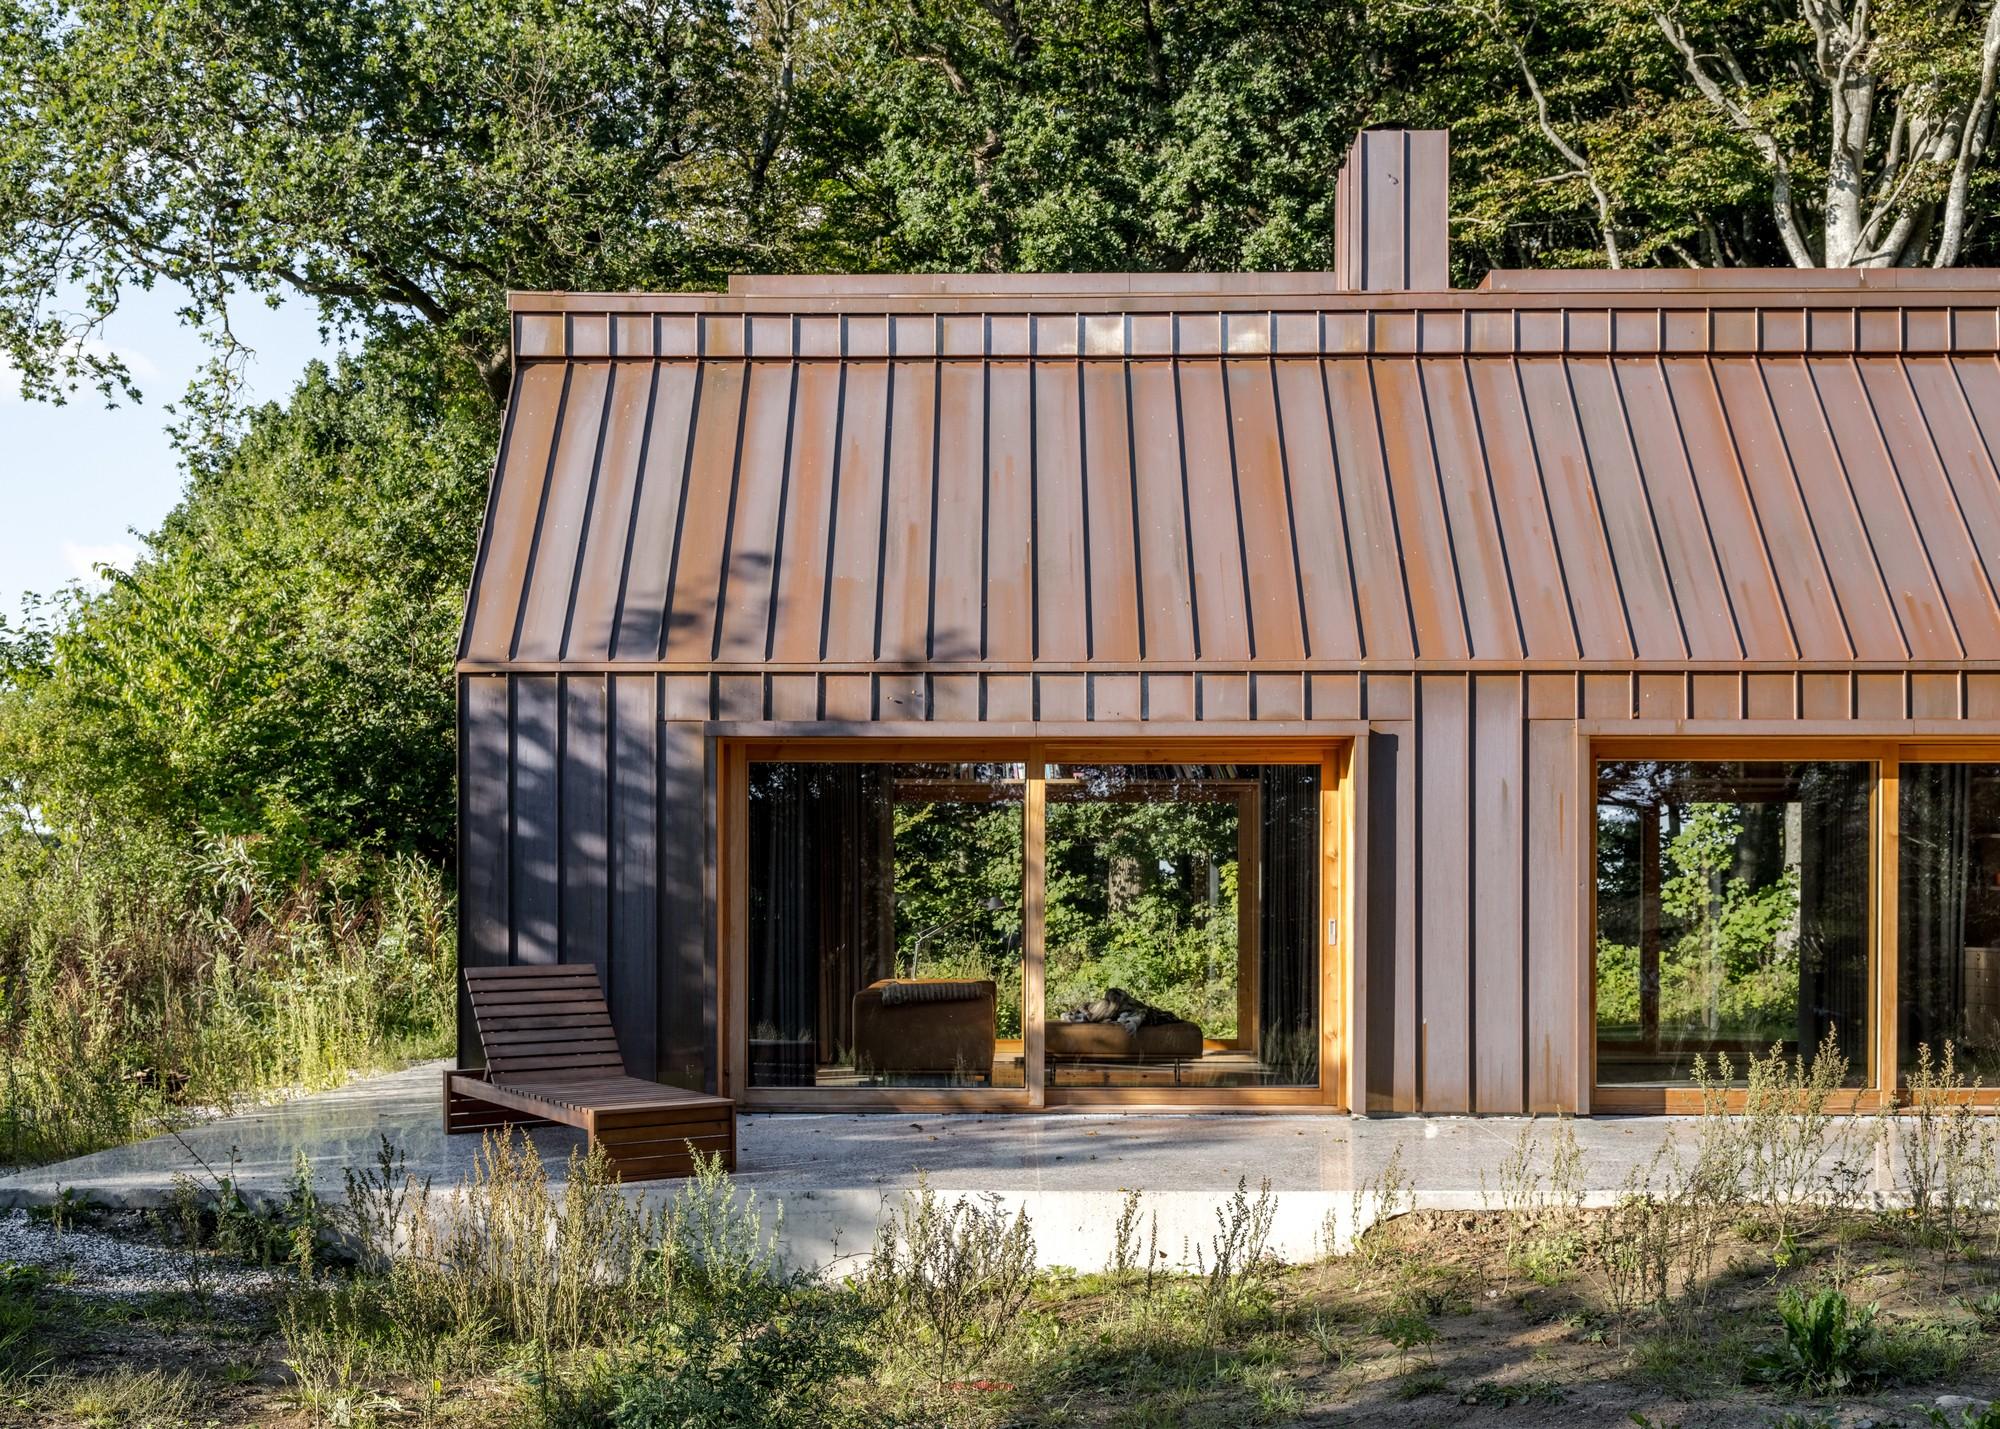 «Авторский Дом» - идеальное место для вдохновения и работы писателя